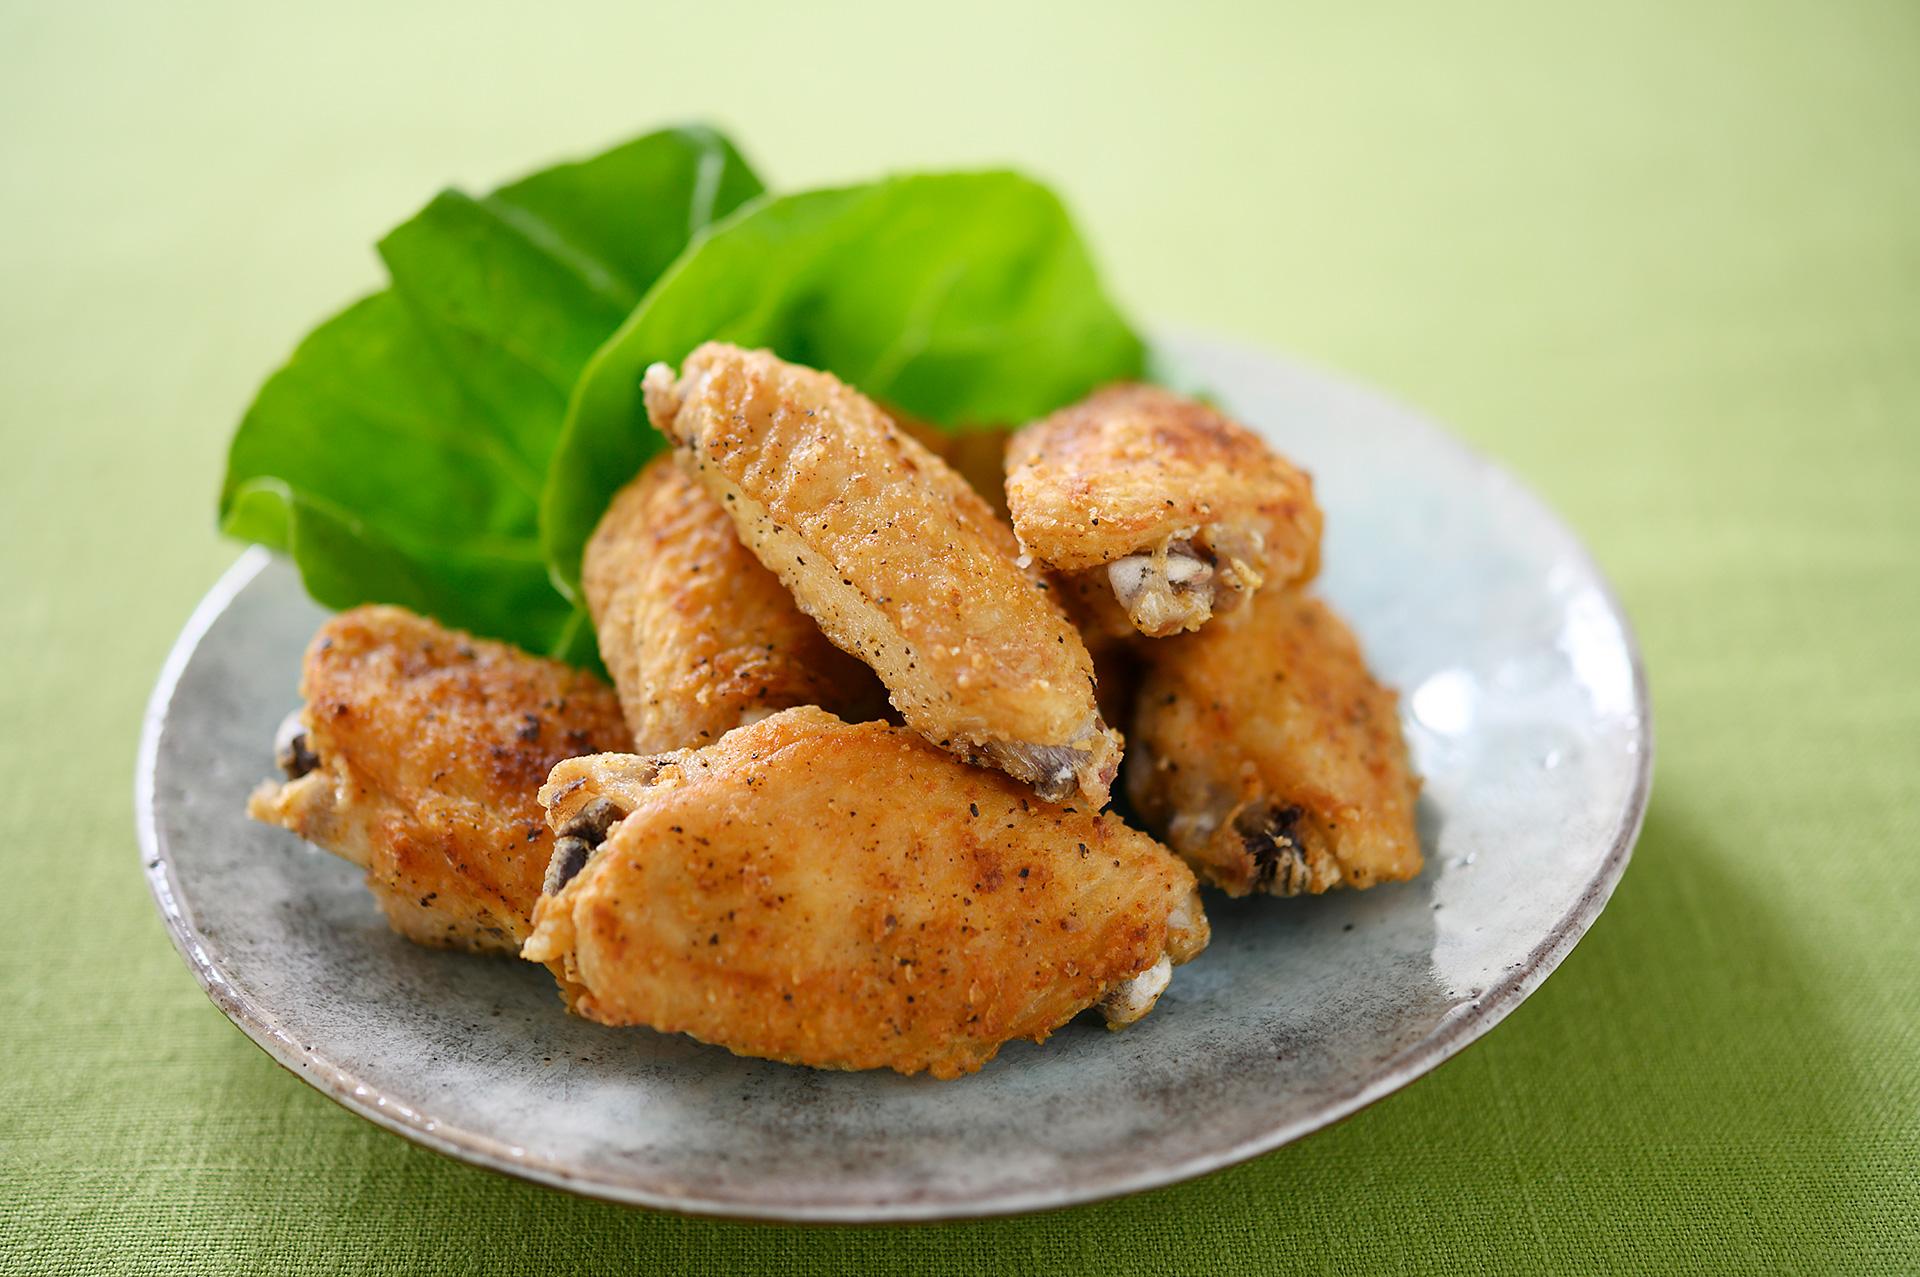 身離れよく食べやすい「塩コショウ風味の手羽先揚げ」